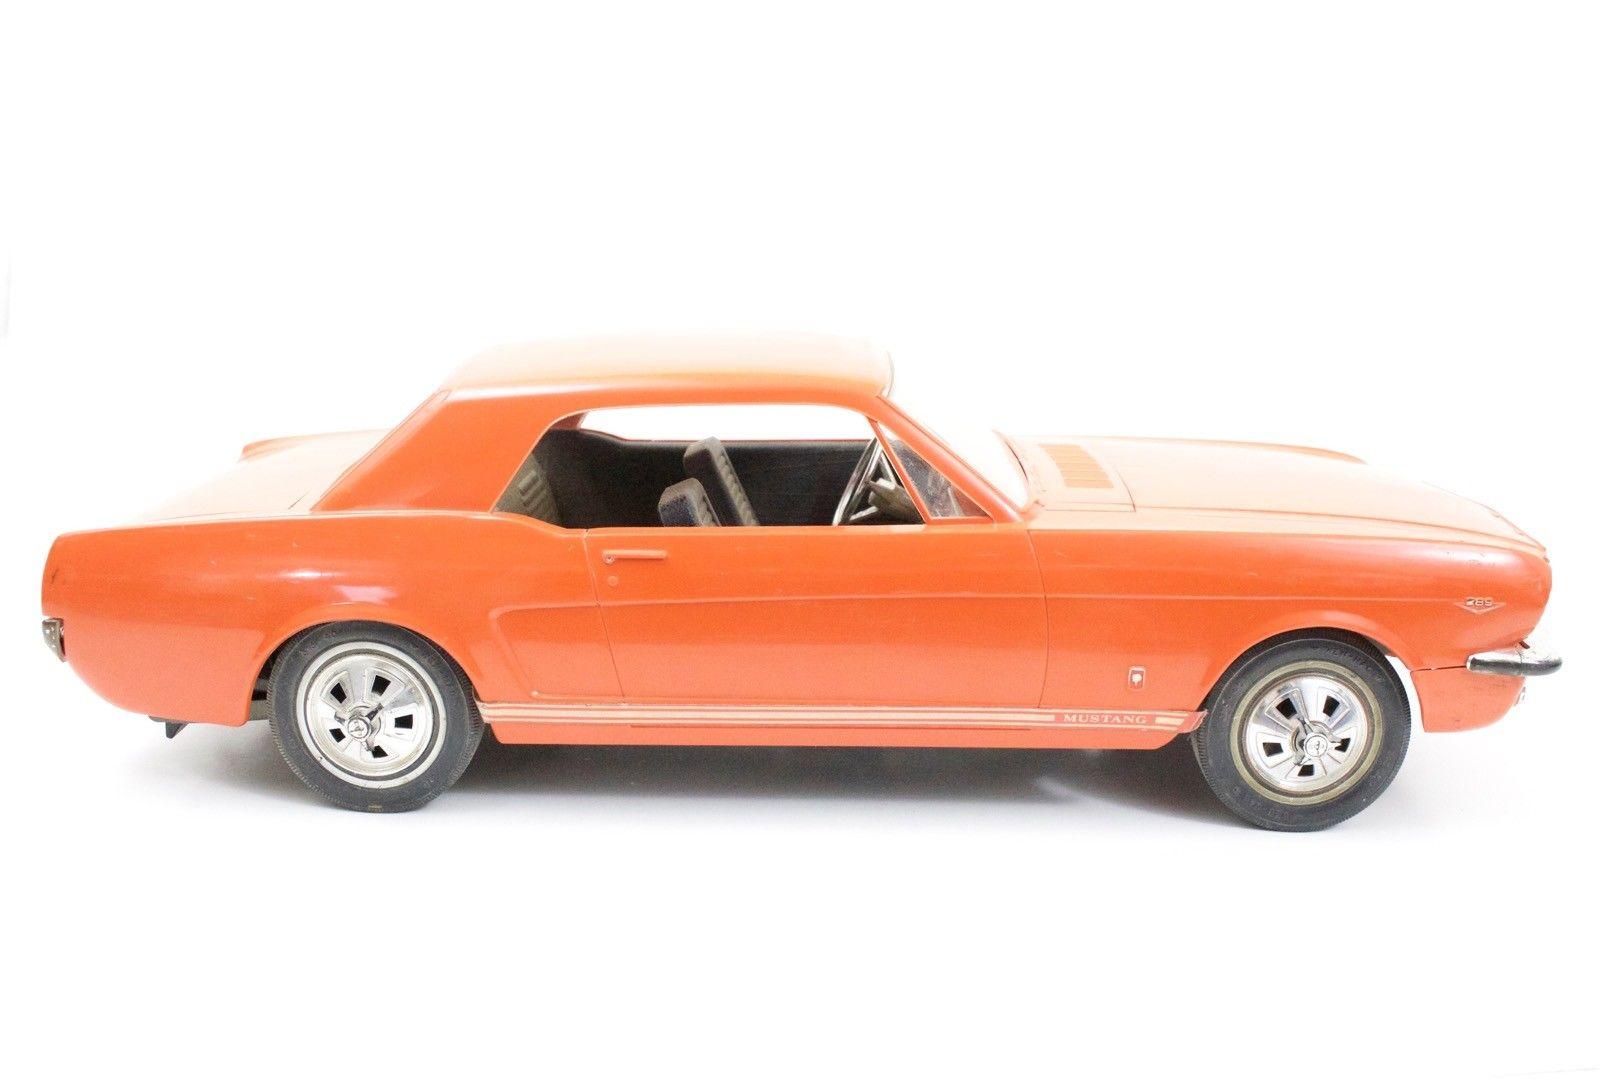 Jouet: Mustang coupe1966 par AMF Wen-Mac S-l16037